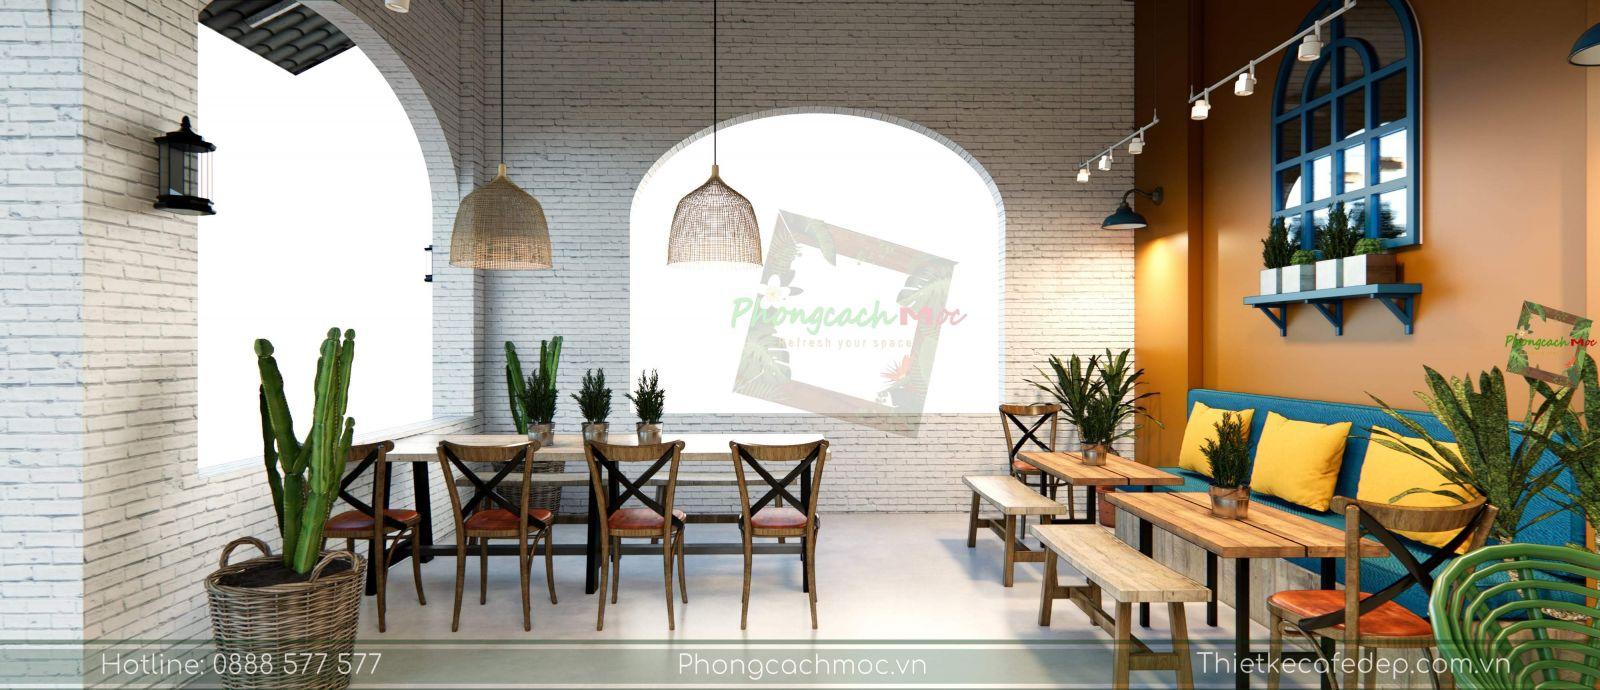 thiết kế quán cafe địa trung hải không gian phòng lạnh - 8